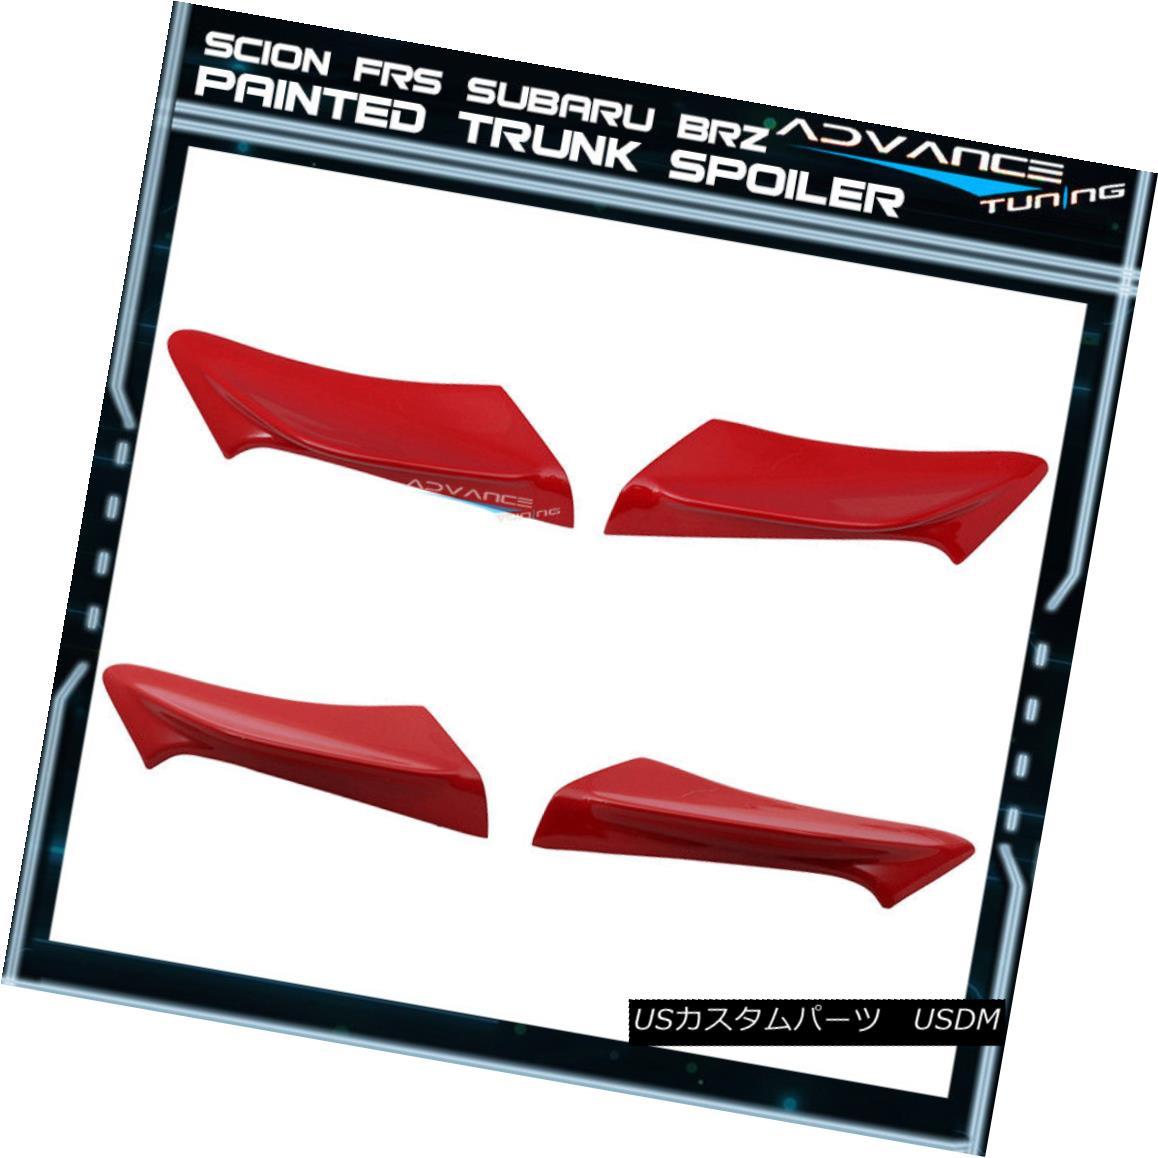 エアロパーツ Fit Scion FRS BRZ 2Dr TRD Trunk Spoiler Side Wing OEM Painted Color Pure Red M7Y サイオンサイオンFRS BRZ 2Dr TRDトランクスポイラーサイドウィングOEM塗装カラーピュアレッドM7Y